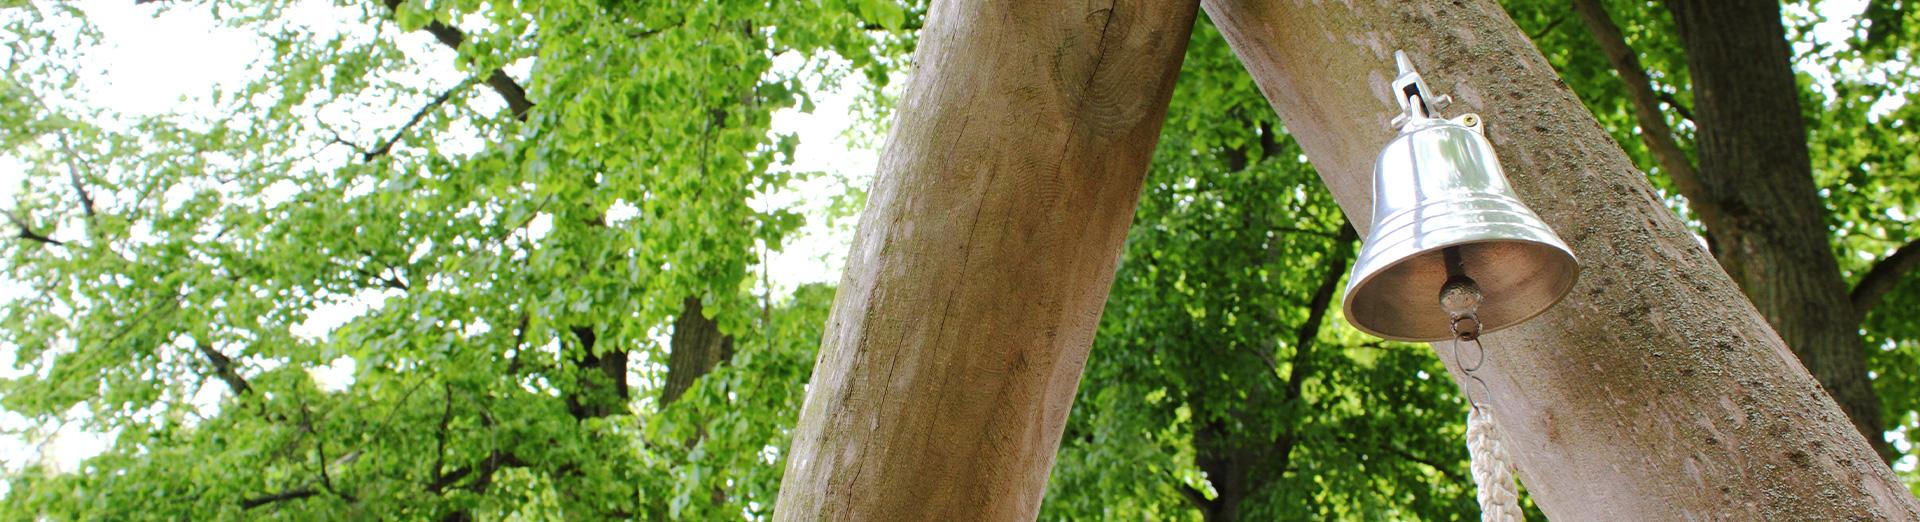 Metallglocke draußen an einem Holzstamm